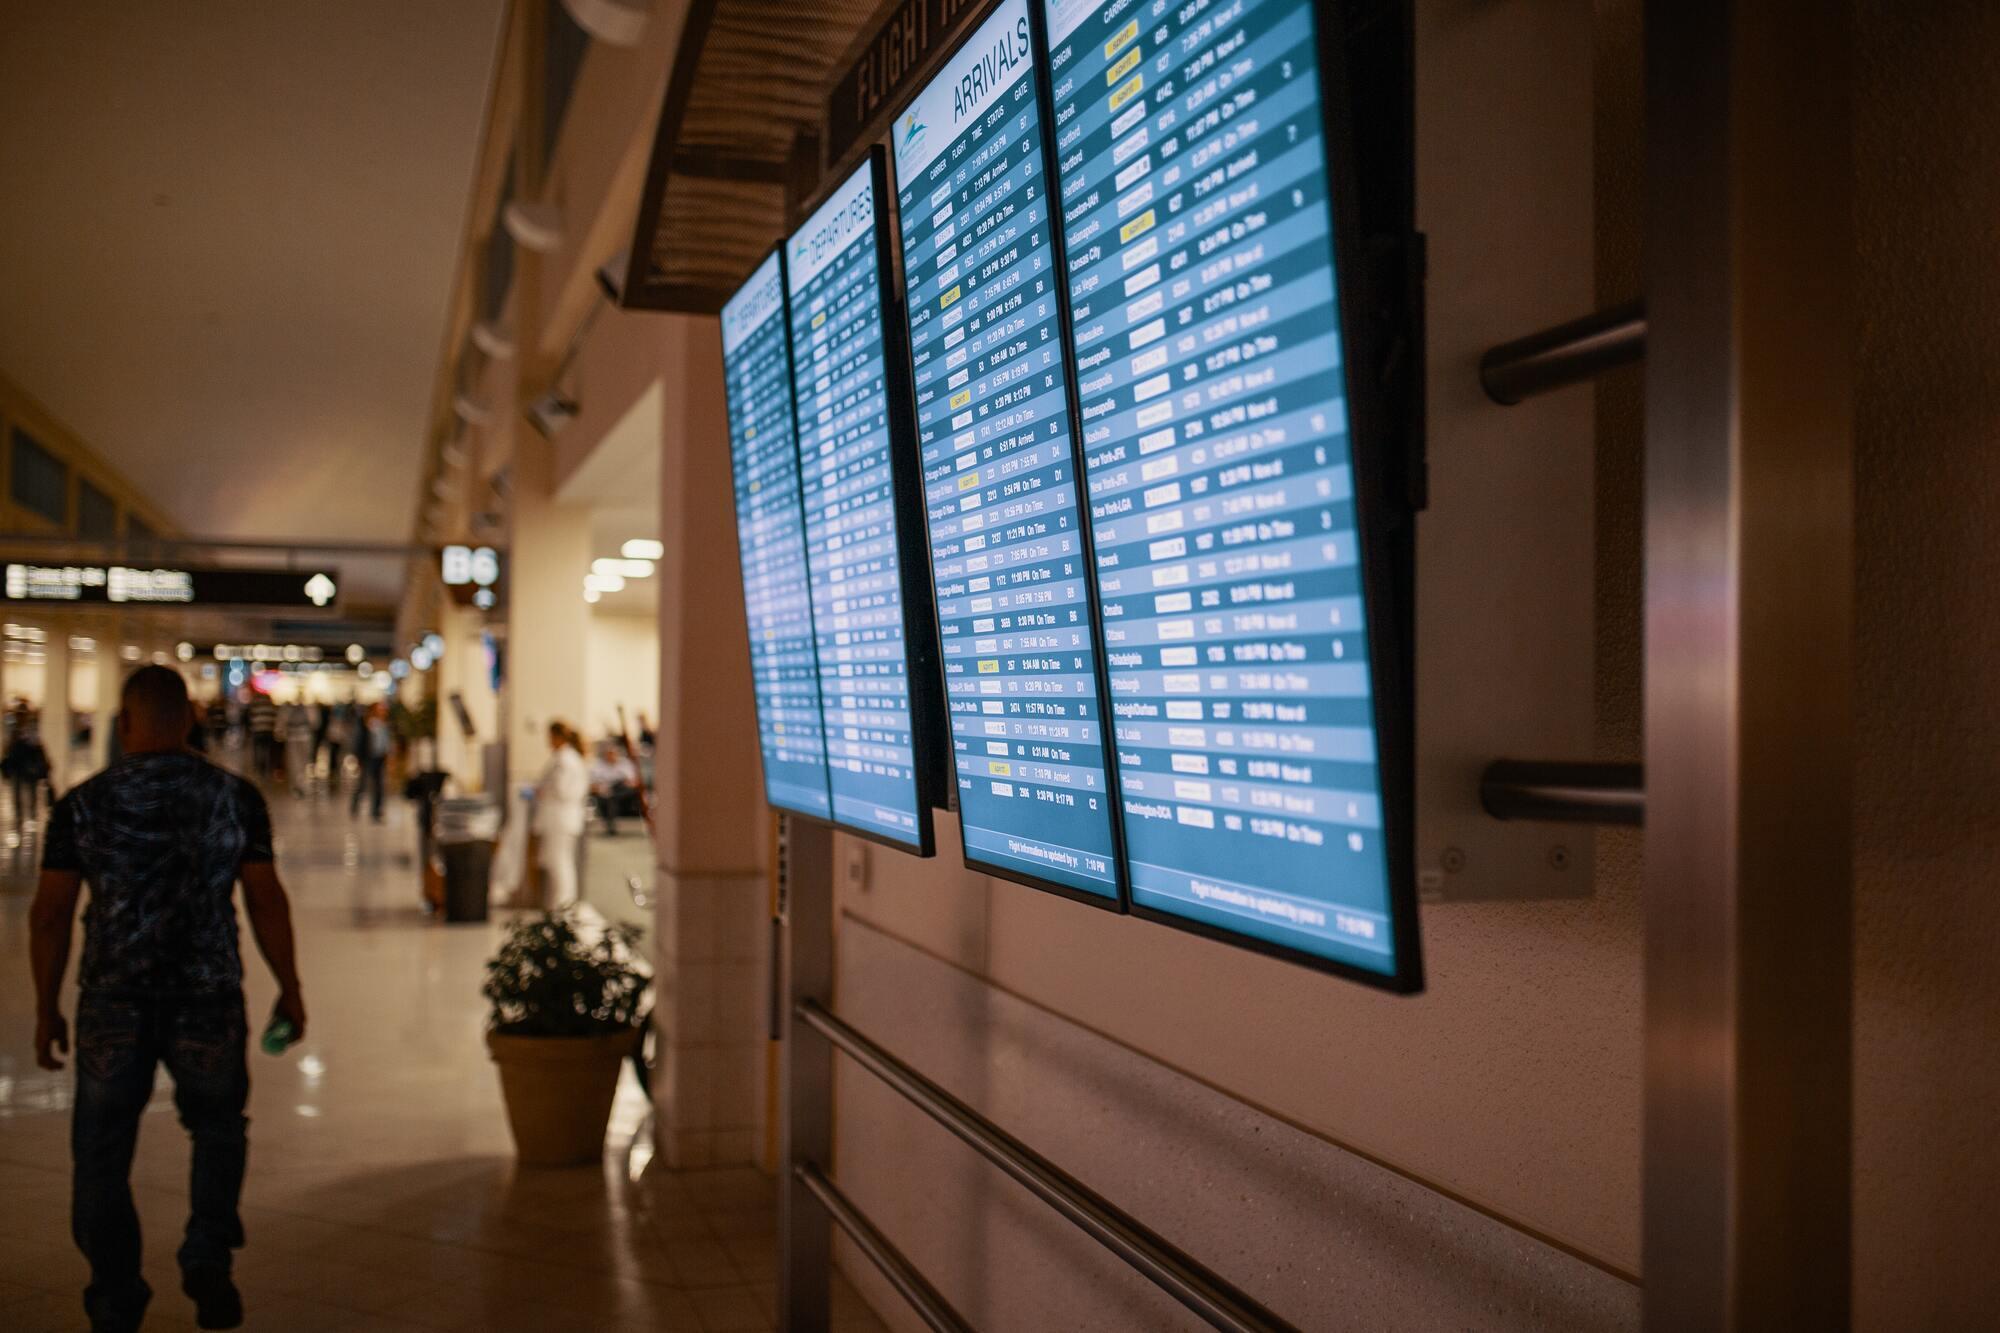 В аеропорту можна дізнатися інформацію про рух повітряних суден